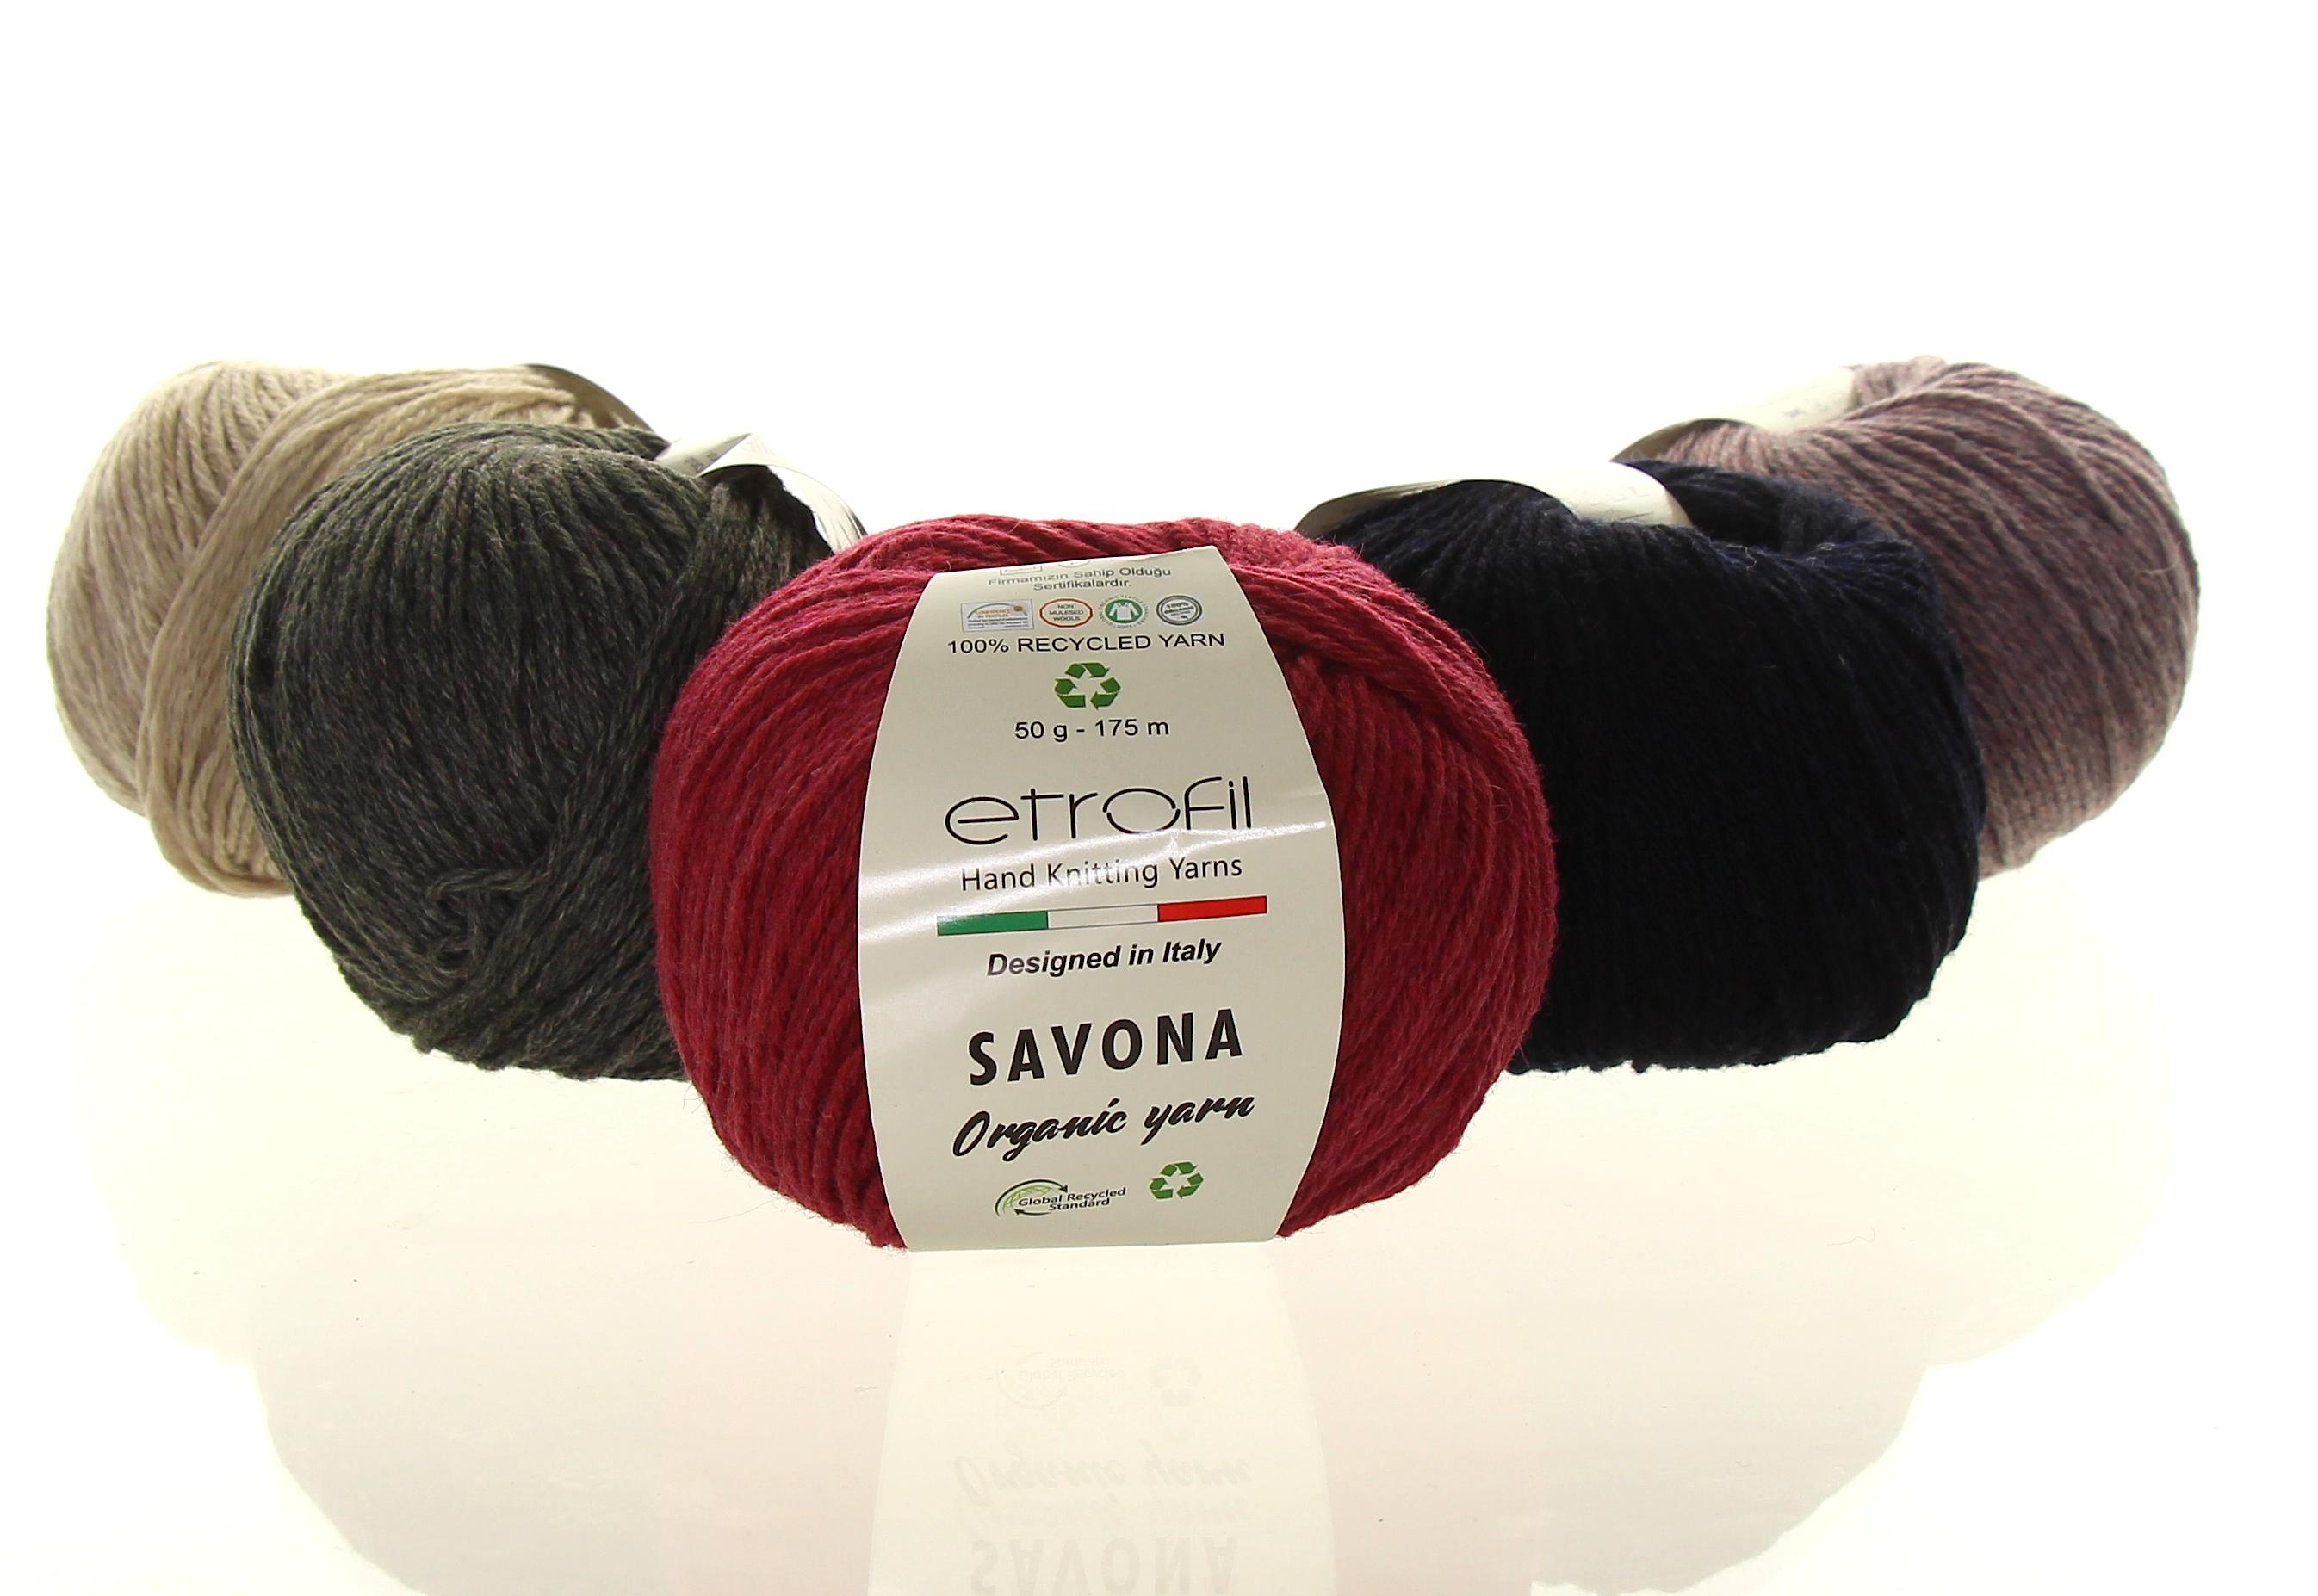 Savona